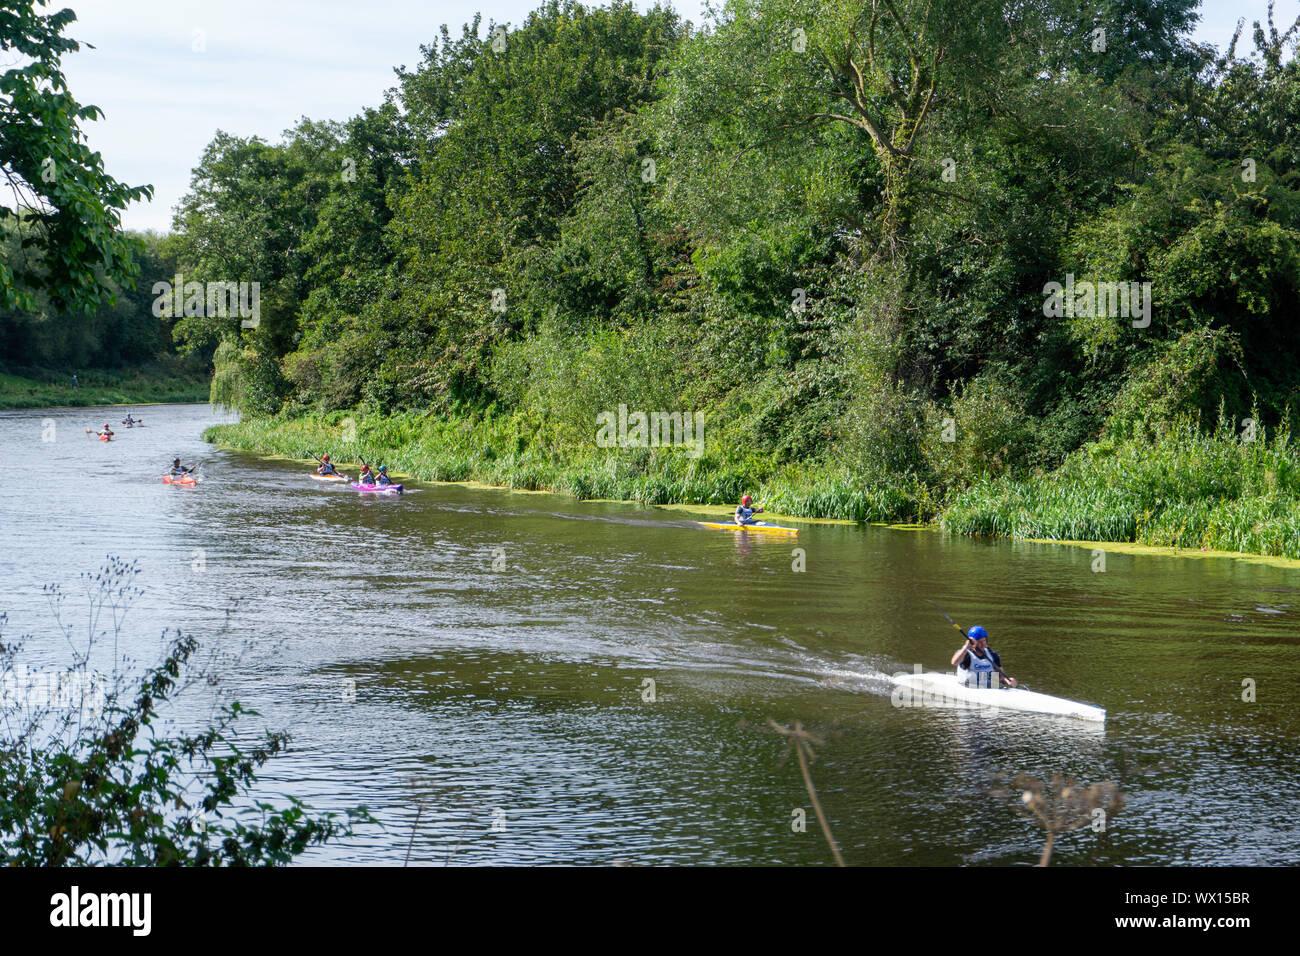 Un grupo de competidores en el Liffey ascendencia internacional al aproximarse el fin de su carrera de más de 30 km en Islandbridge, Dublín. Foto de stock